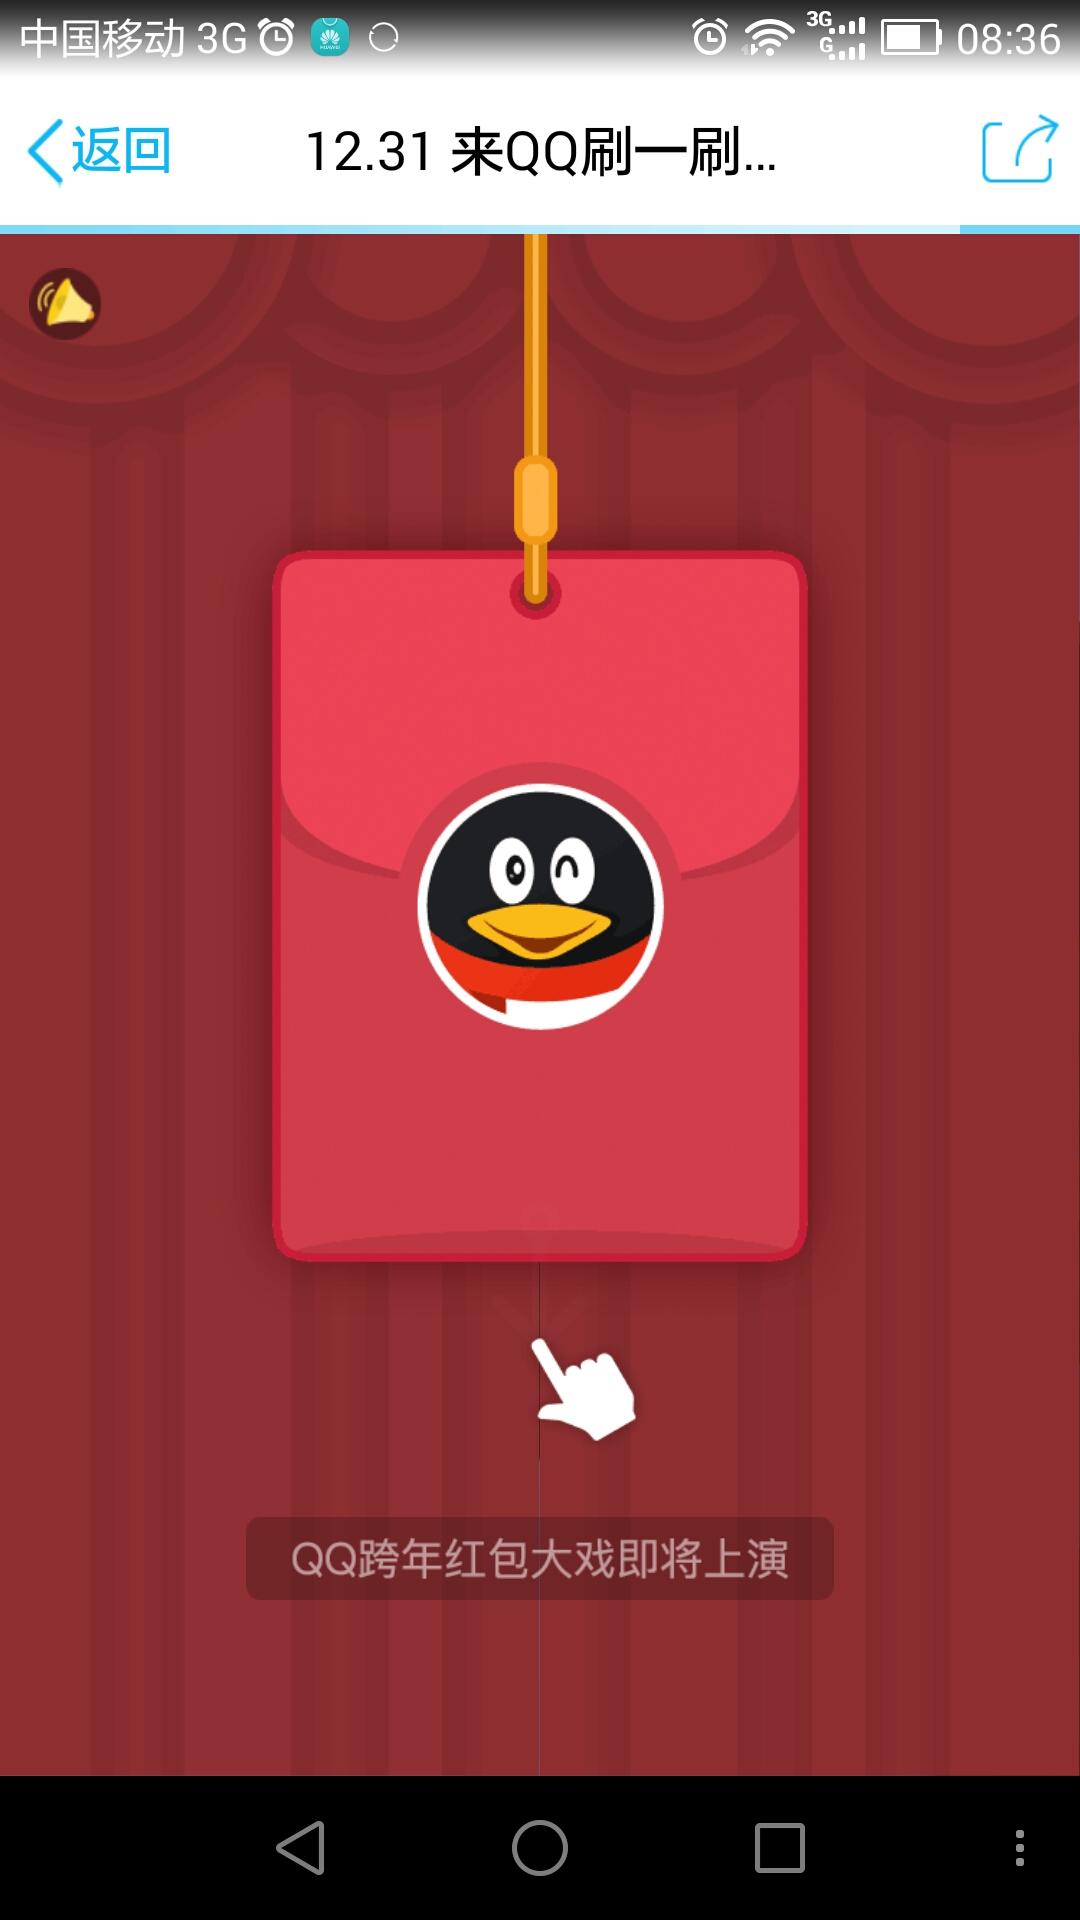 秒钱联合腾讯QQ跨年夜为用户发红包 12月31日20点30开抢[图]